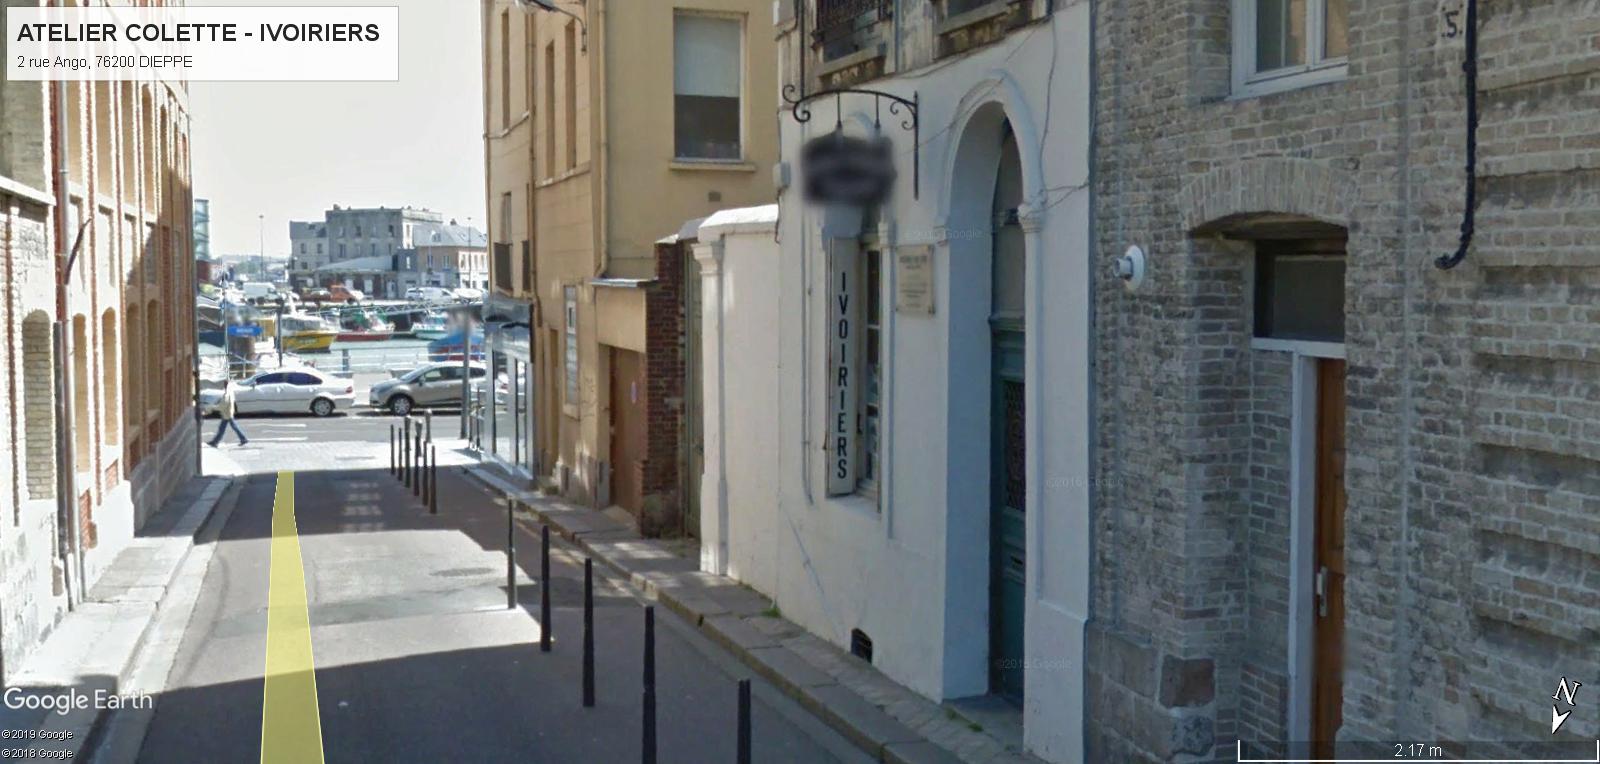 TOUR DE FRANCE VIRTUEL - Page 27 Colett10